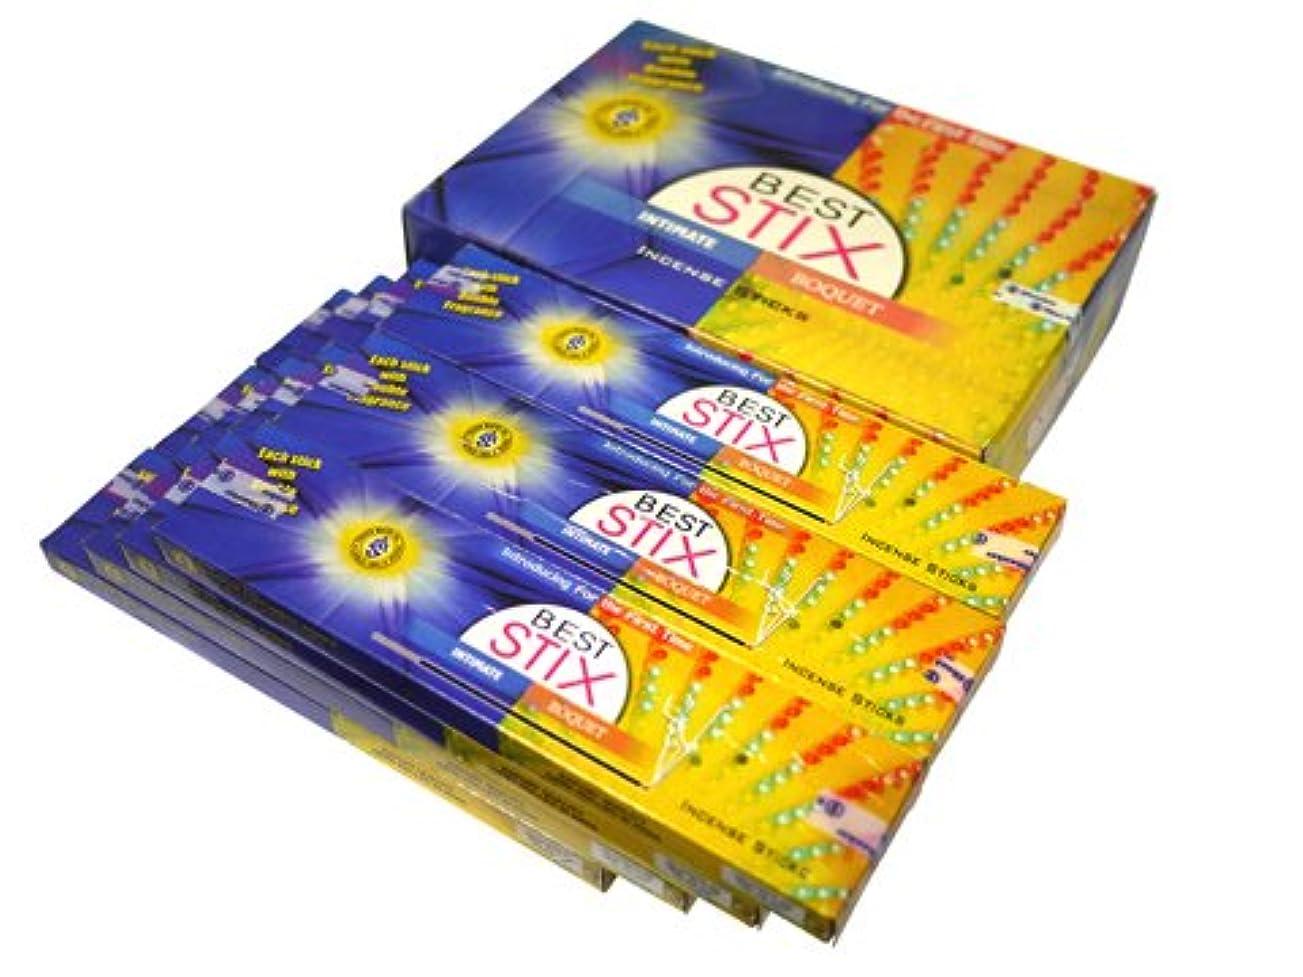 トークンアーサーコナンドイル受取人SHANKAR'S(シャンカーズ) ベストスティックス香 スティック BEST STIX 12箱セット